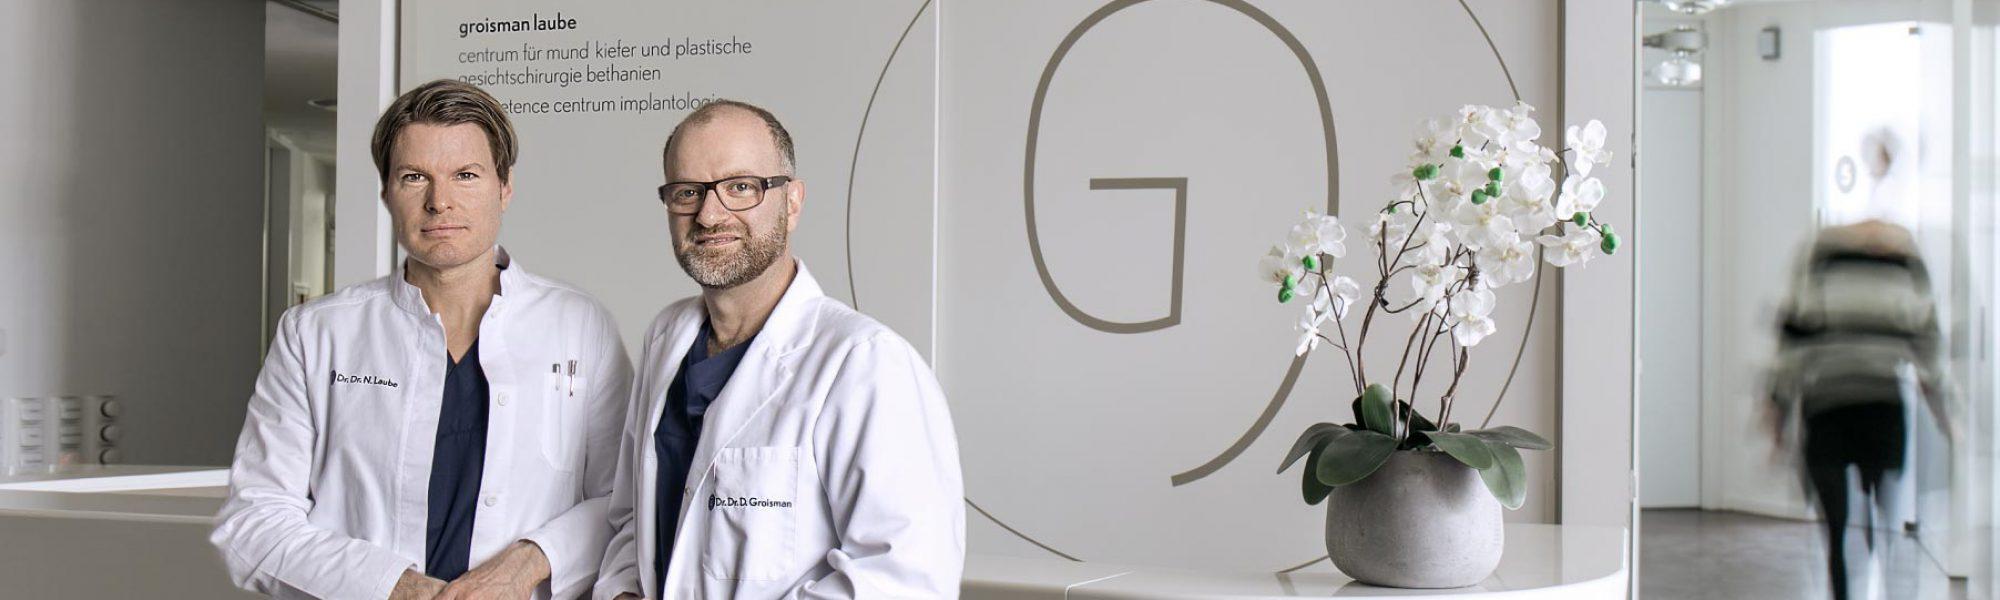 Bild auf der Startseite von Dr. Dr. Groisman & Dr. Dr. Laube